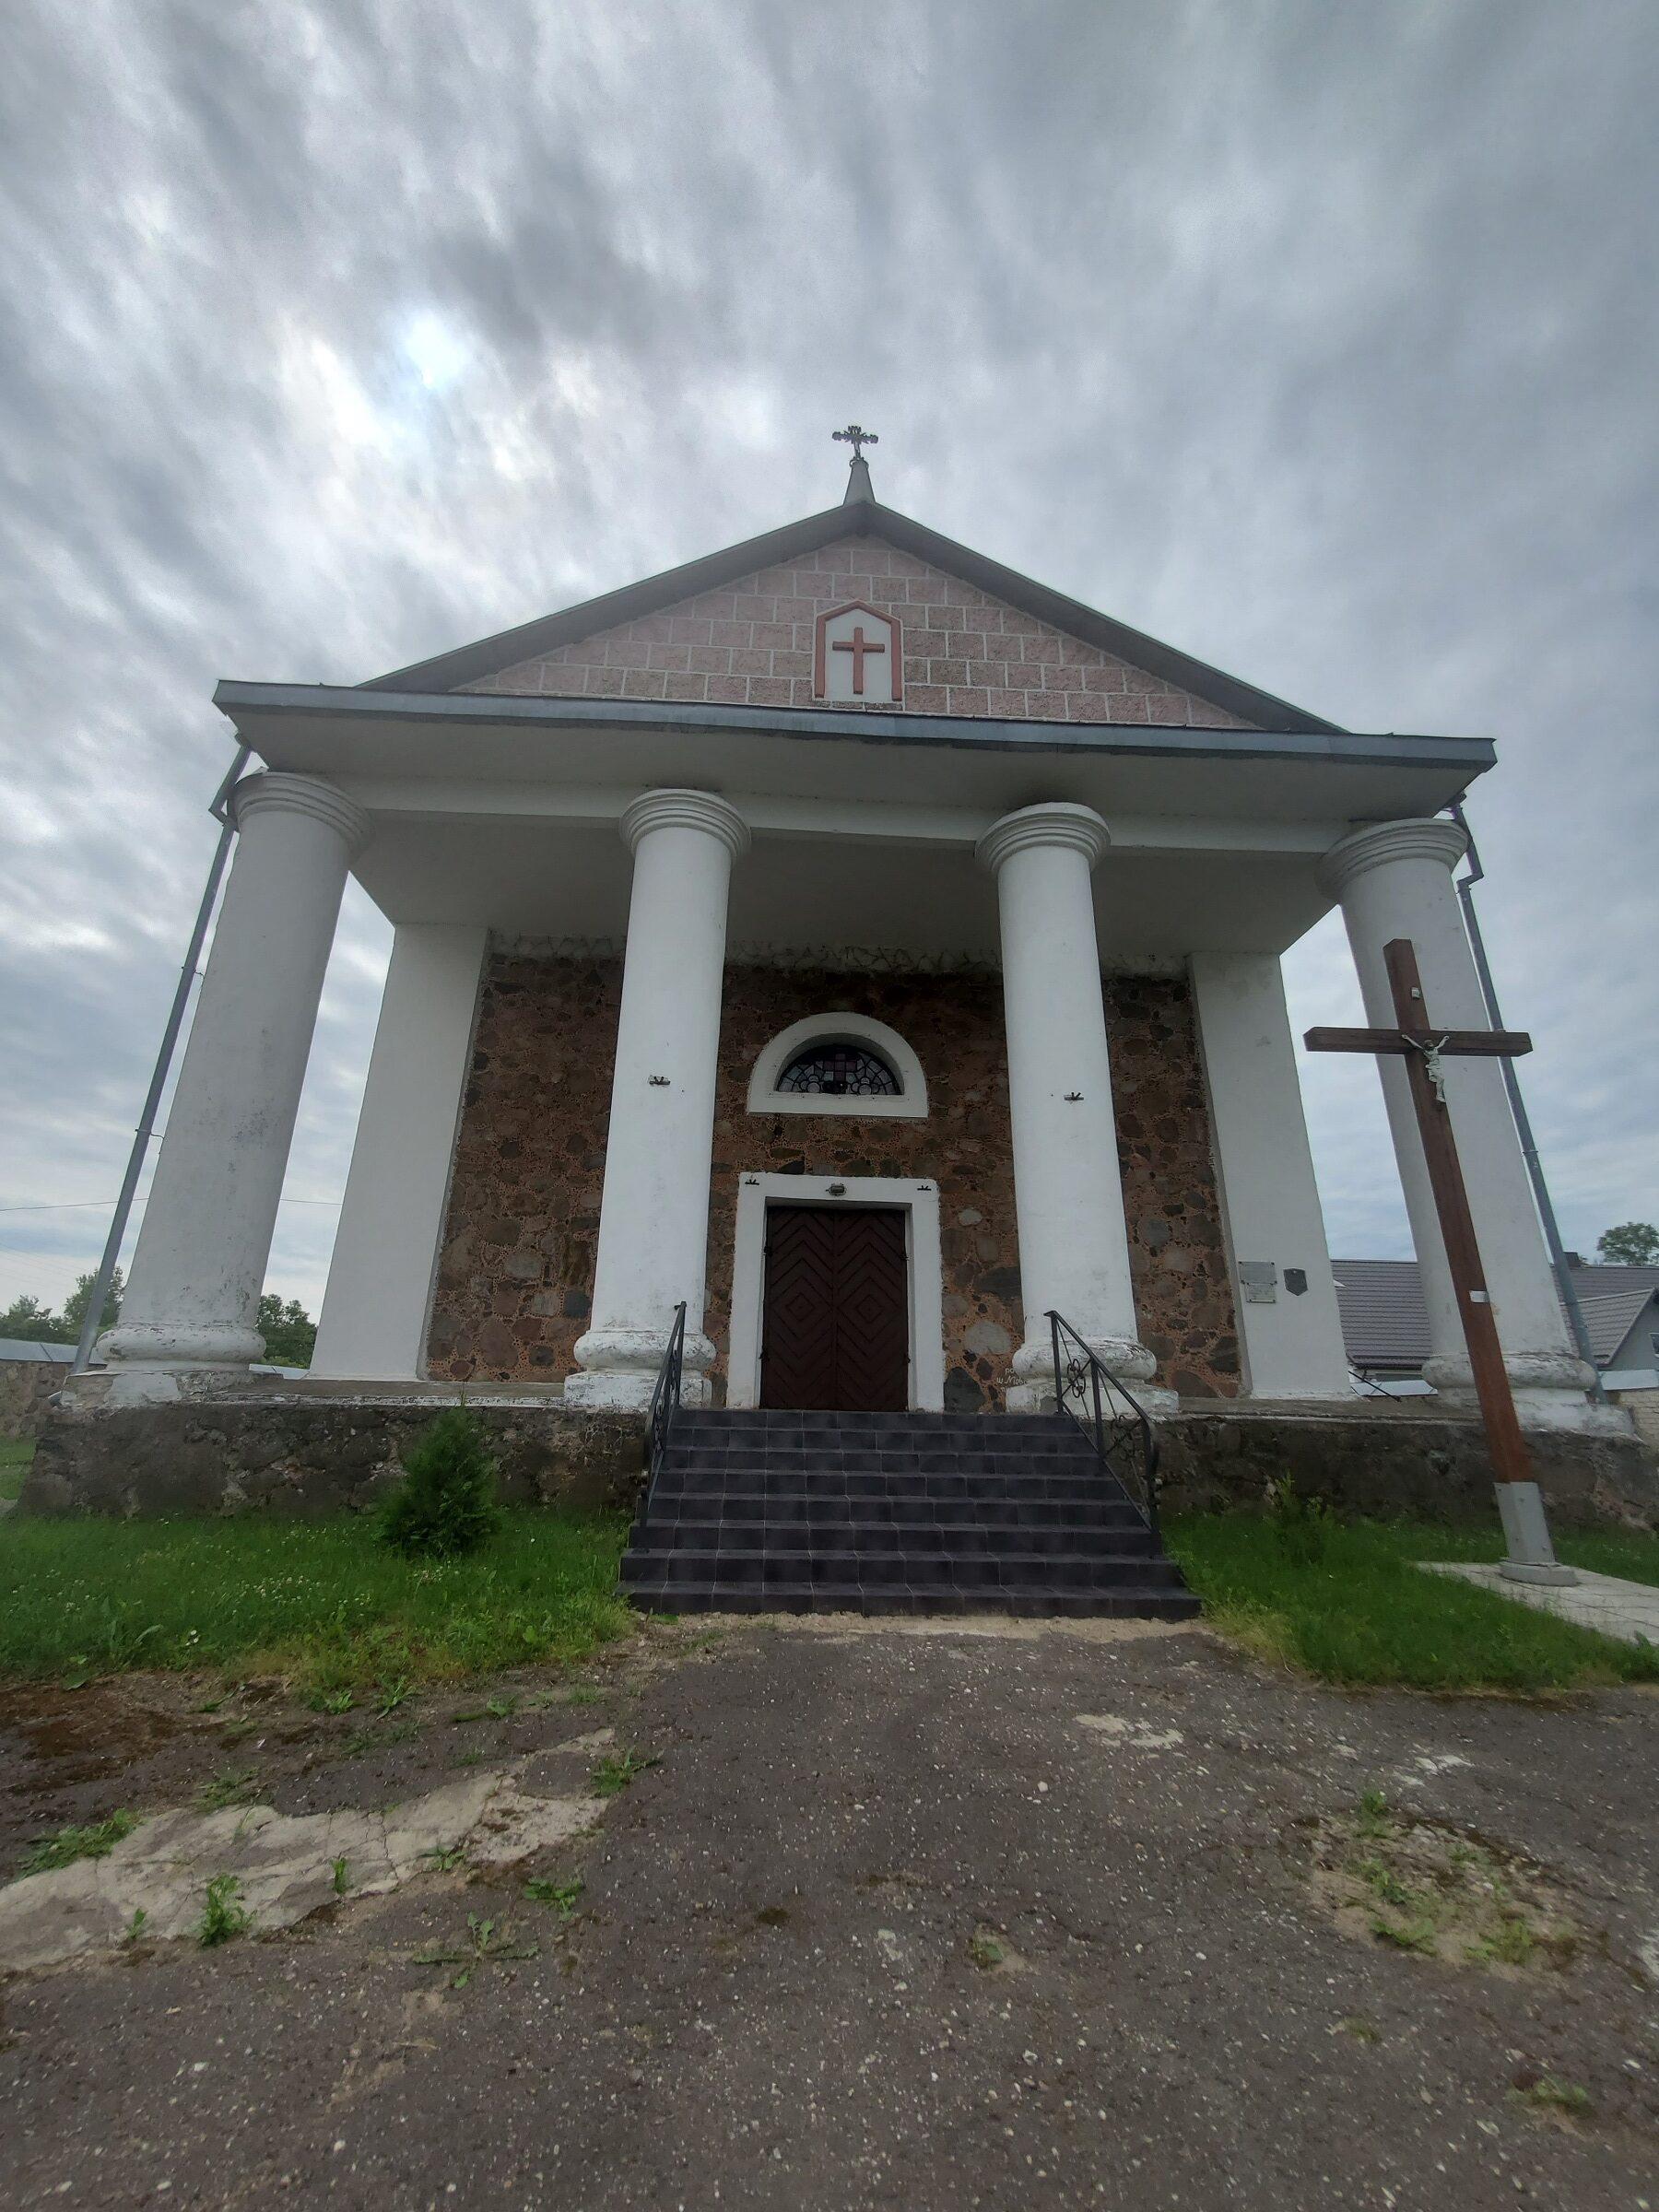 20200703 113844 rotated - Костел Вознесения Девы Марии в Дерковщине